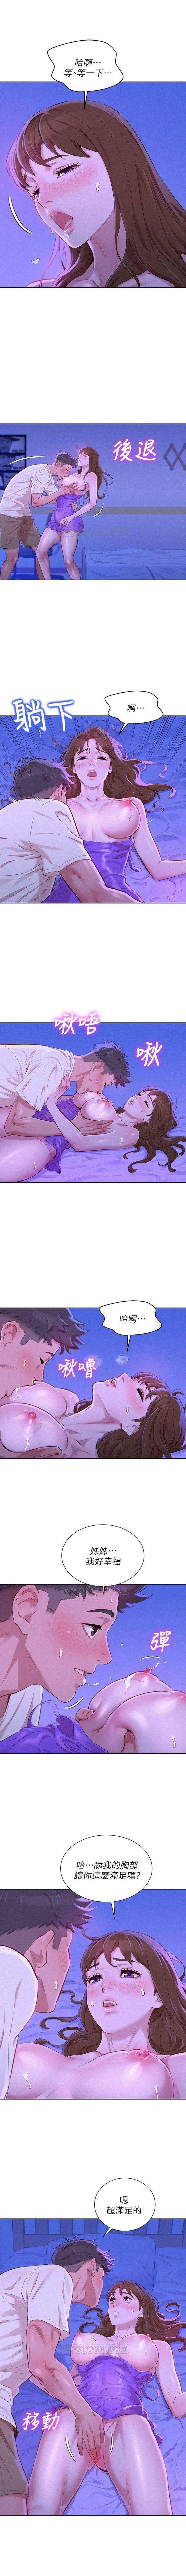 (周7)漂亮干姐姐  1-81 中文翻译 (更新中) 422